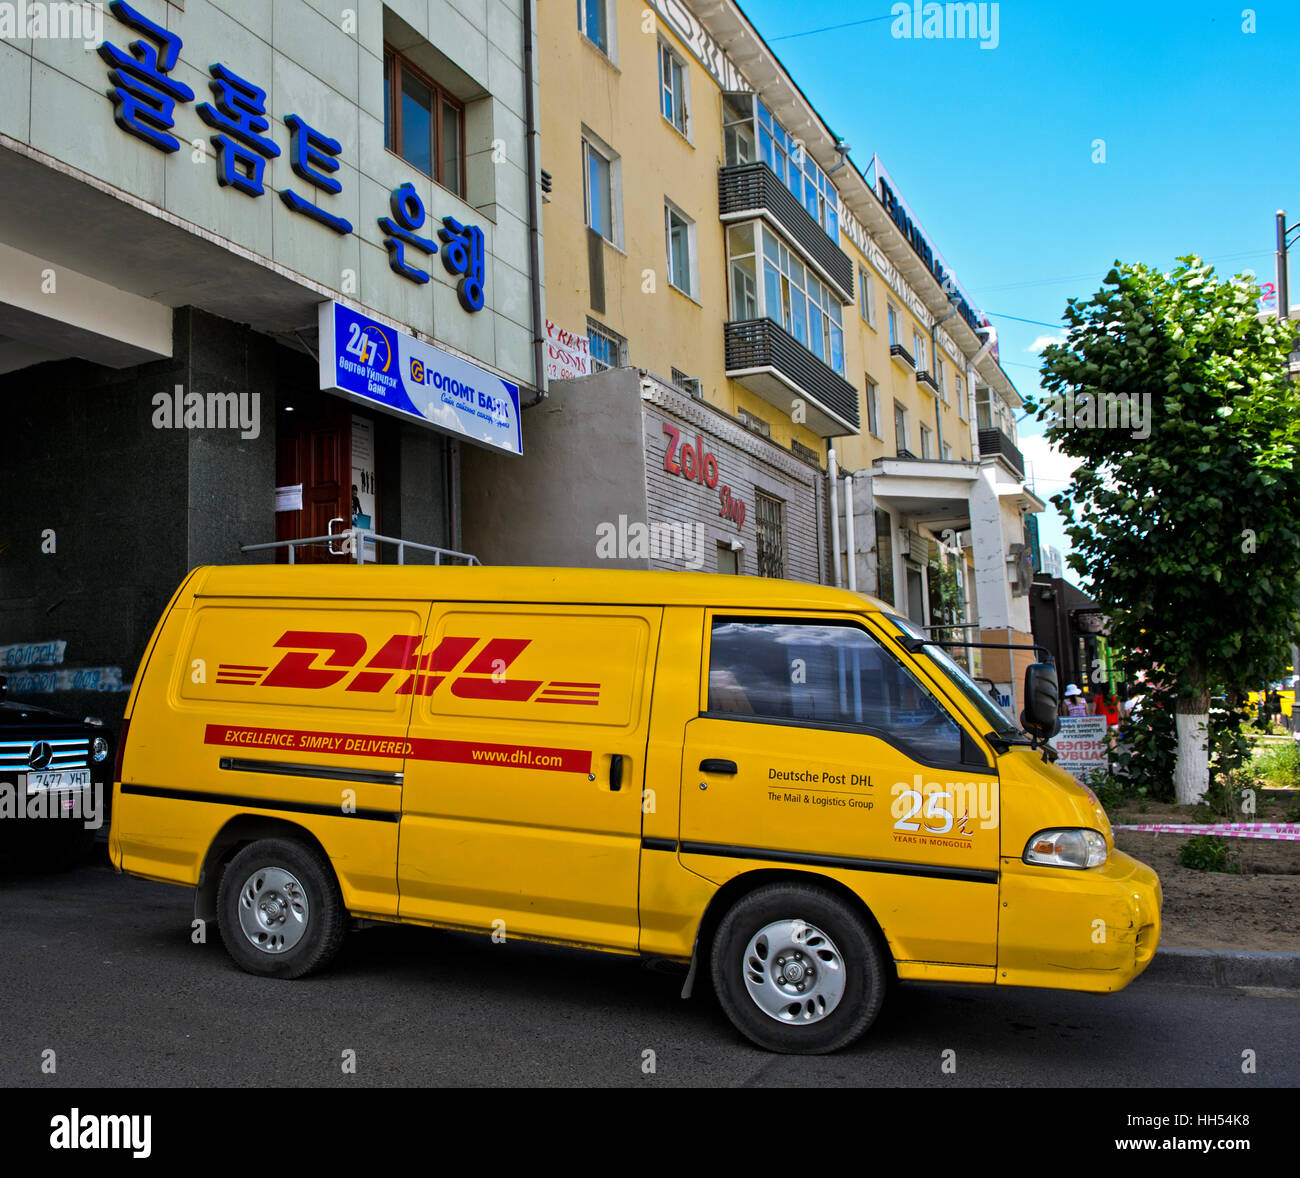 """Gelber van von Deutsche Post DHL Paketdienst mit dem Logo """"25 Jahre in der Mongolei"""", Ulaanbaatar, Mongolei Stockbild"""